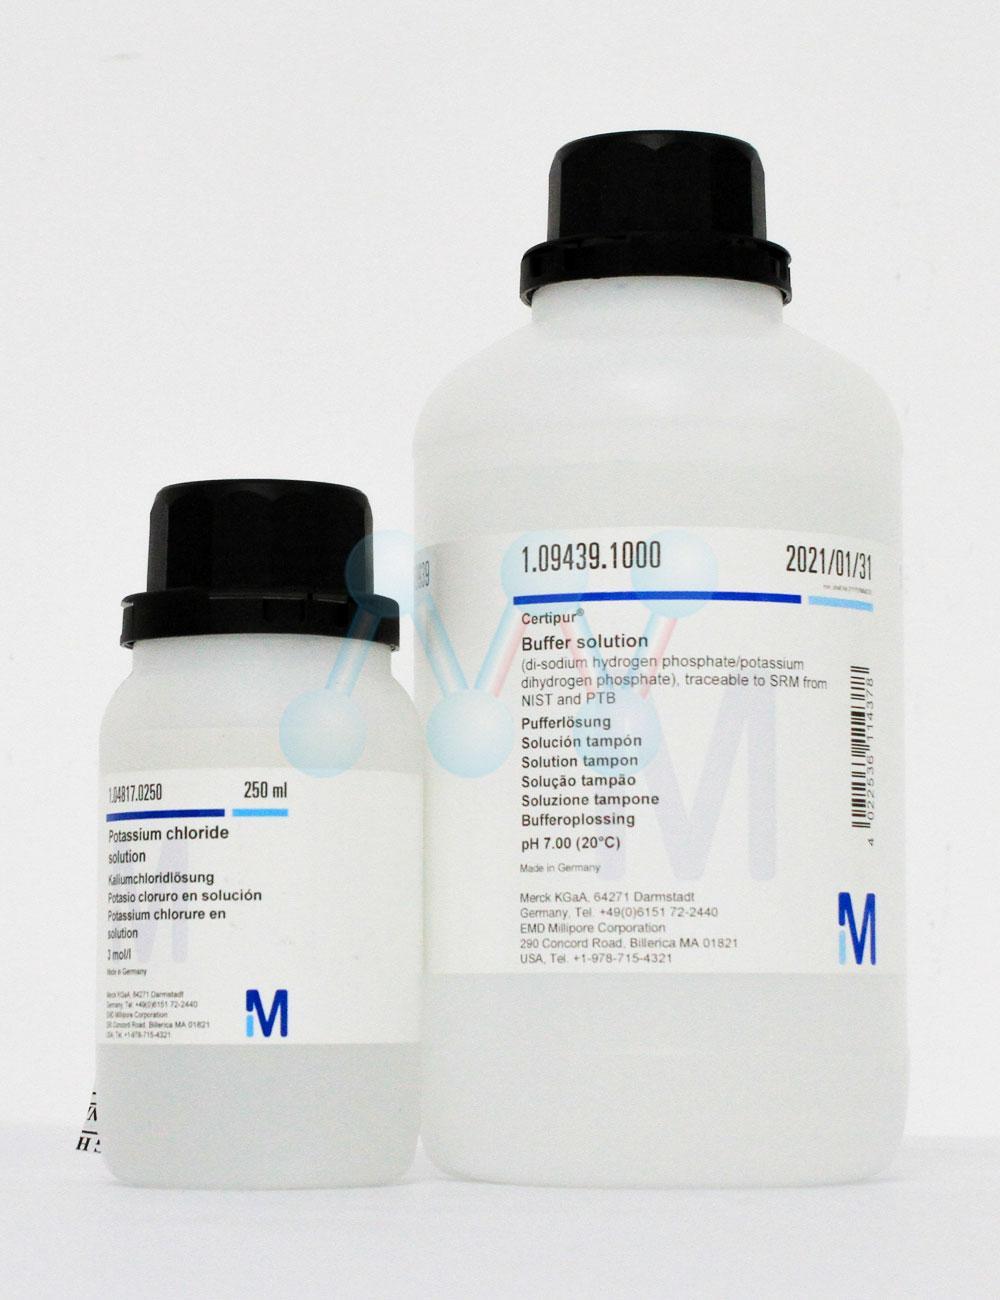 DD chuẩn La (Lathanum Standard)